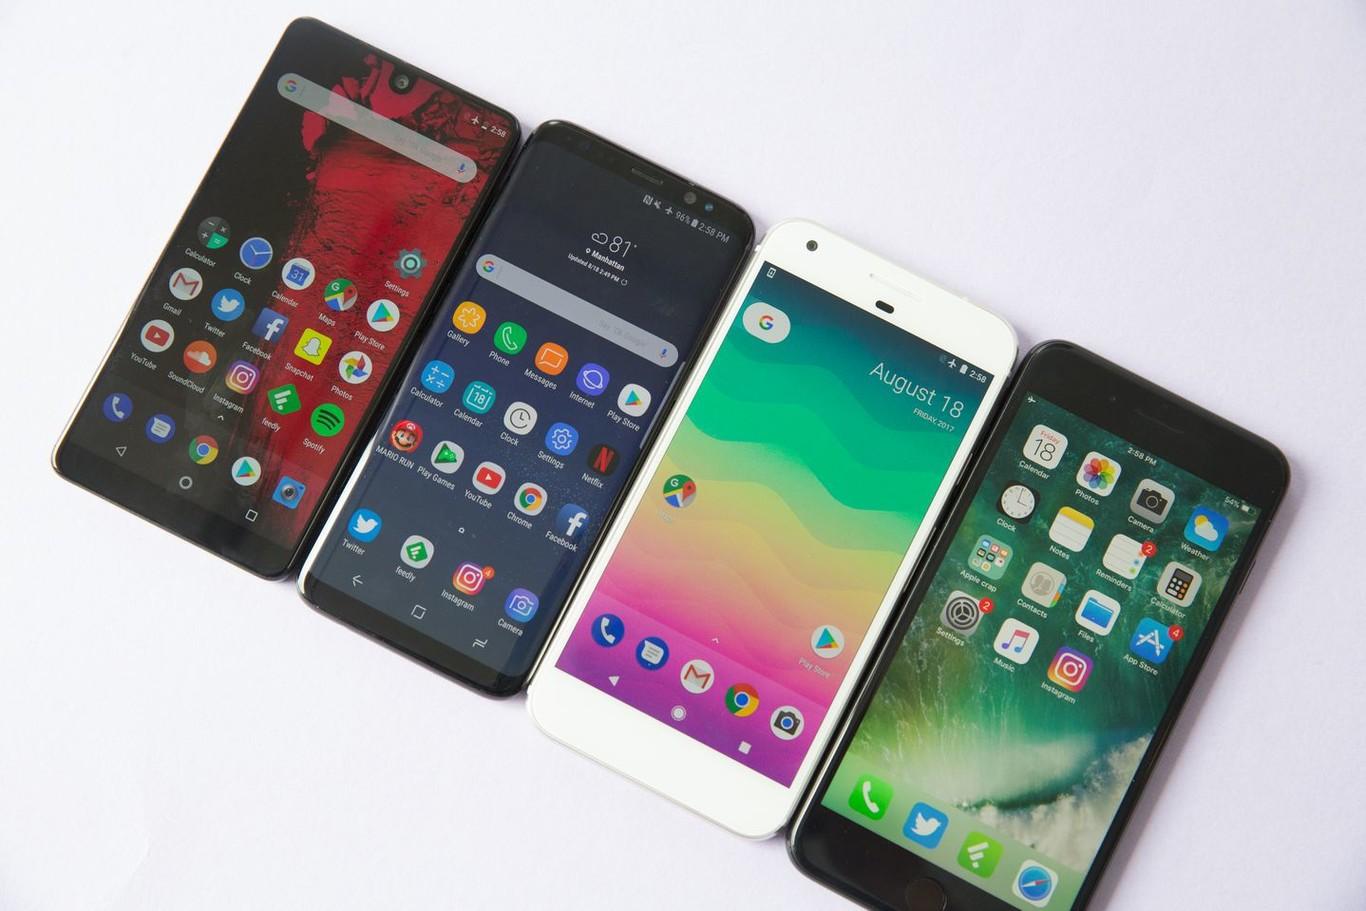 8369e46b4ac Estos son los nueve mejores smartphones que puedes comprar en México por  7,000 pesos o menos (Edición 2018)